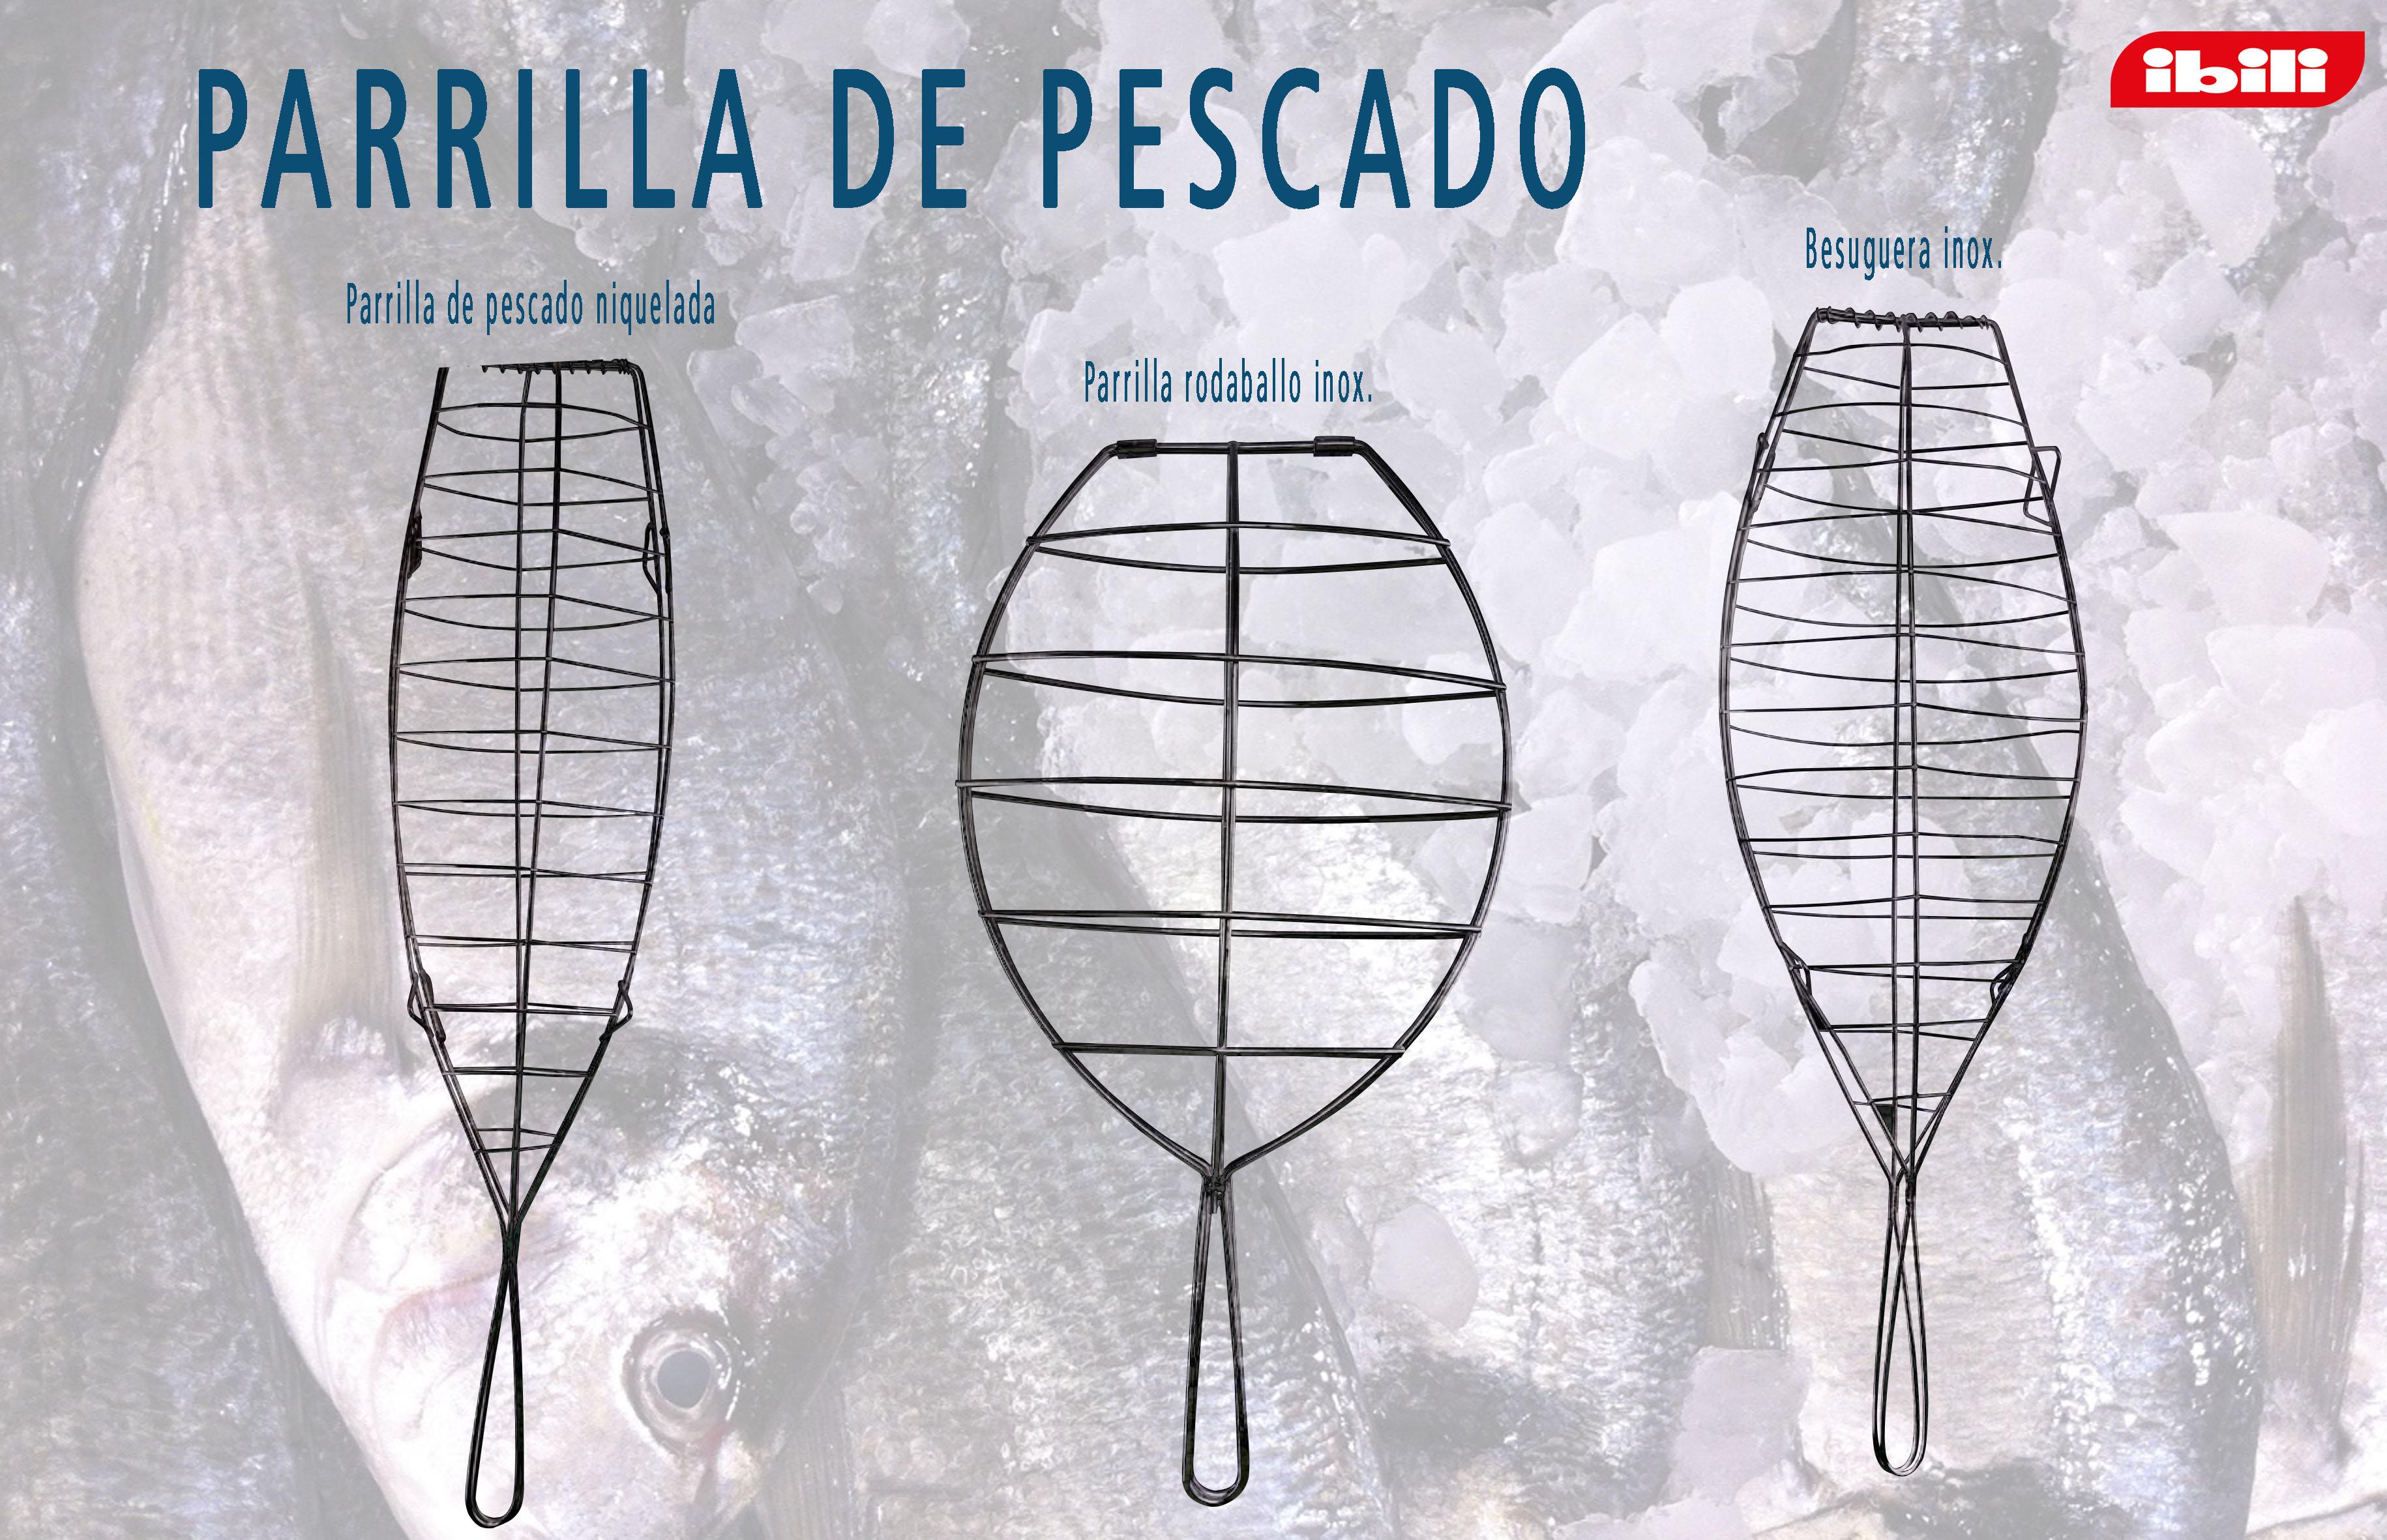 PARRILLAS PESCADO